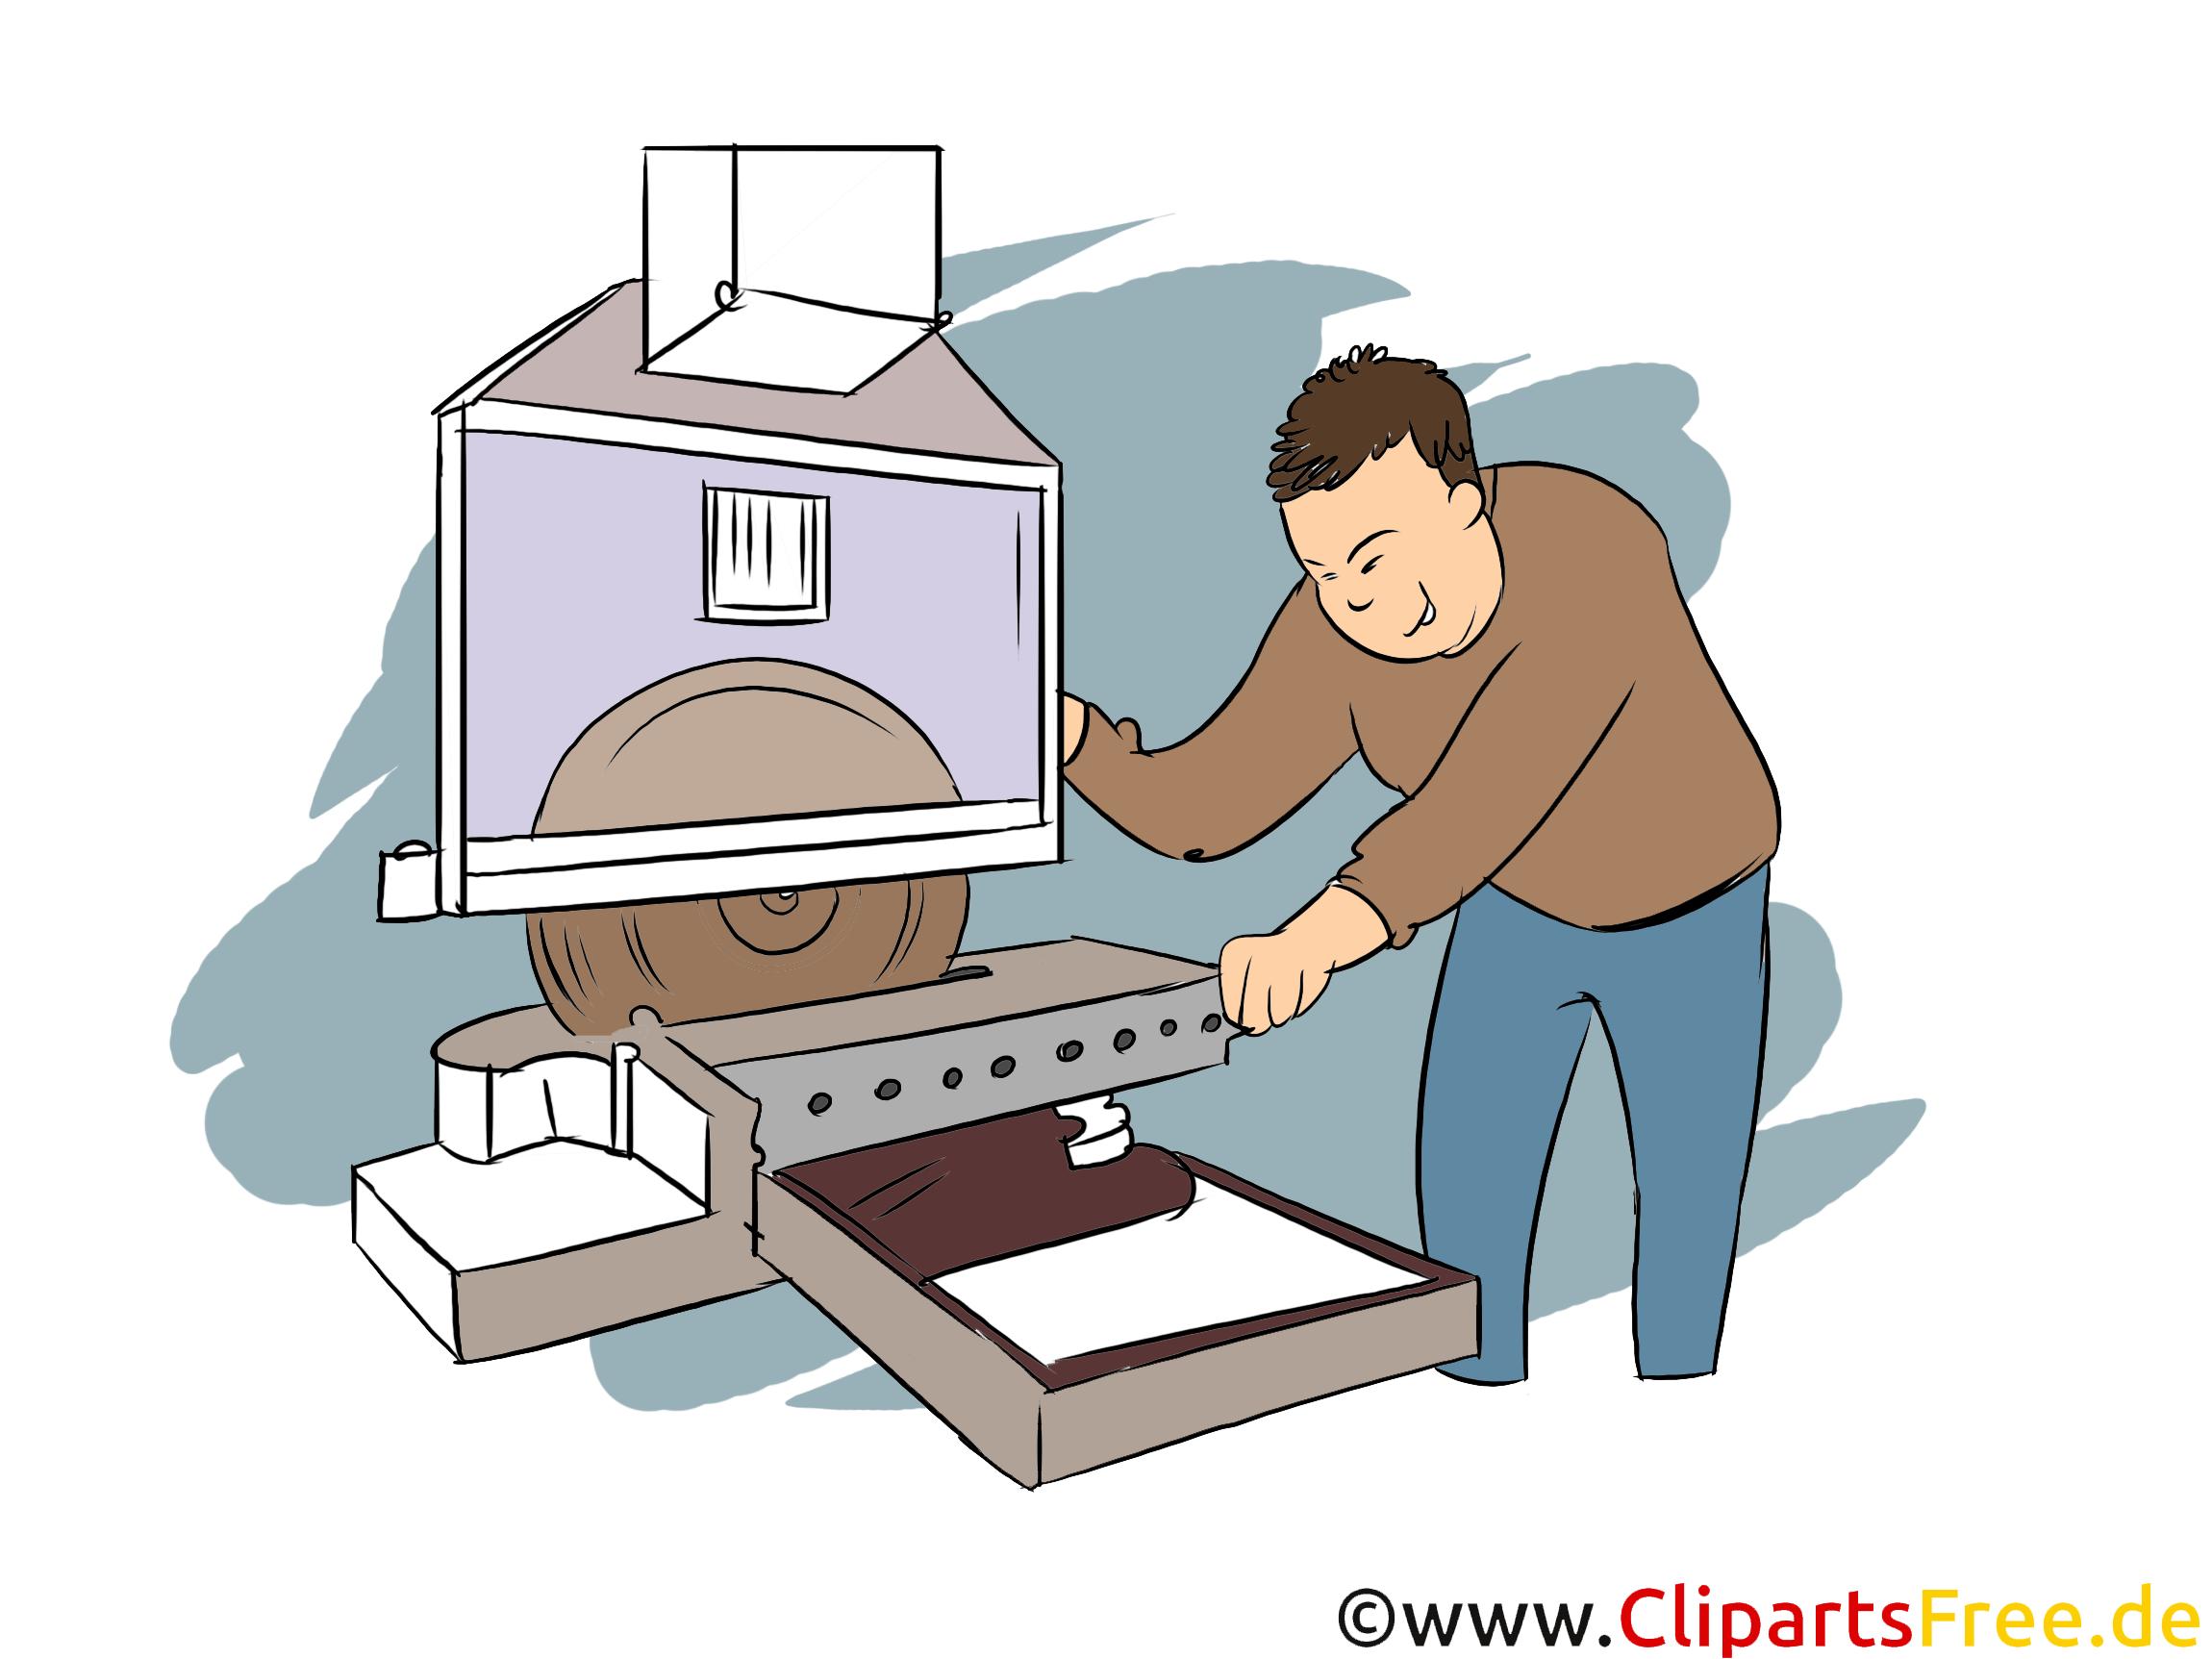 Metallbauer Clipart, Bild, Grafik zum Thema Ausbildungsberufe